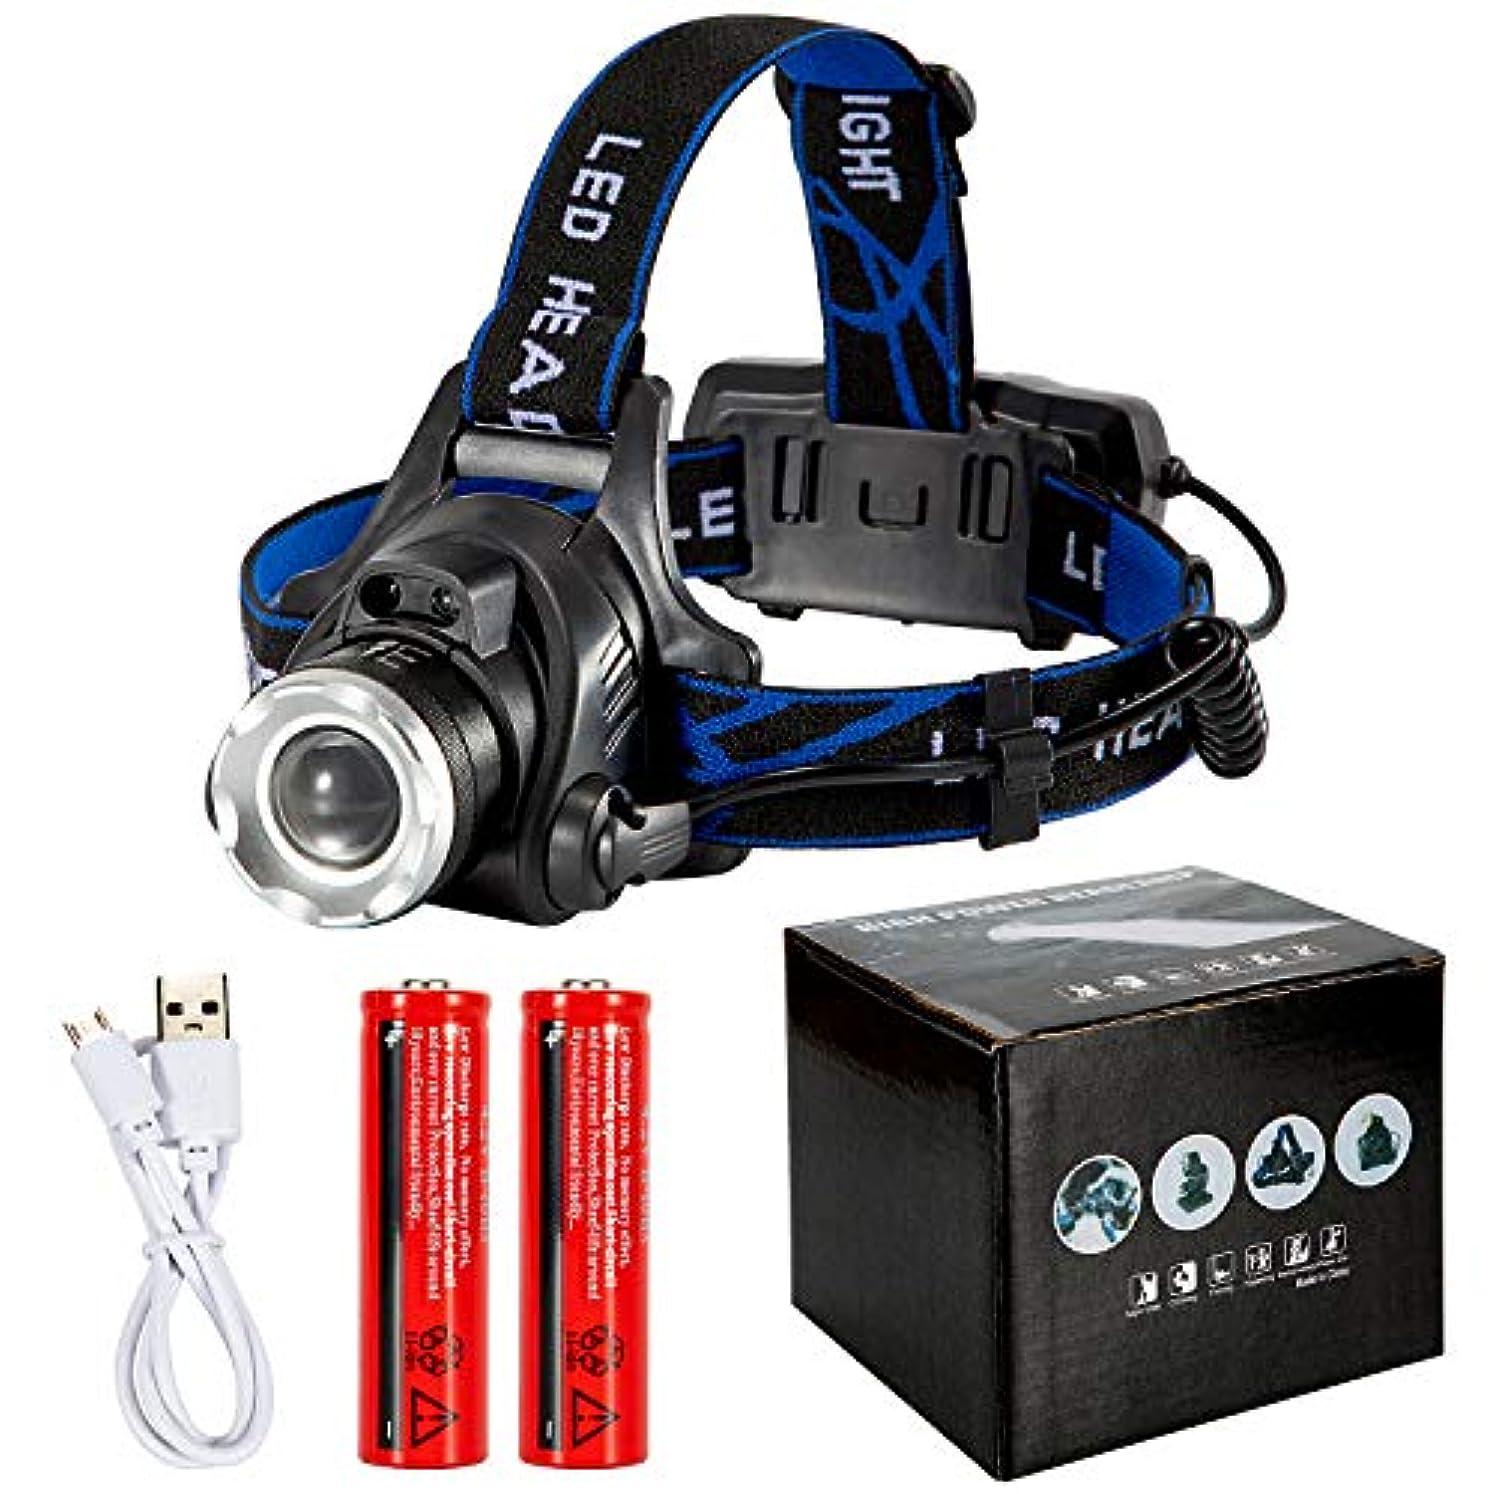 口乳白色艶ヘッドランプ - ハンズフリー、防水、明るい光、最大72時間の常時光、軽量、屋外用に最適なヘッドランプUSB充電式懐中電灯スマートウェーブセンサー